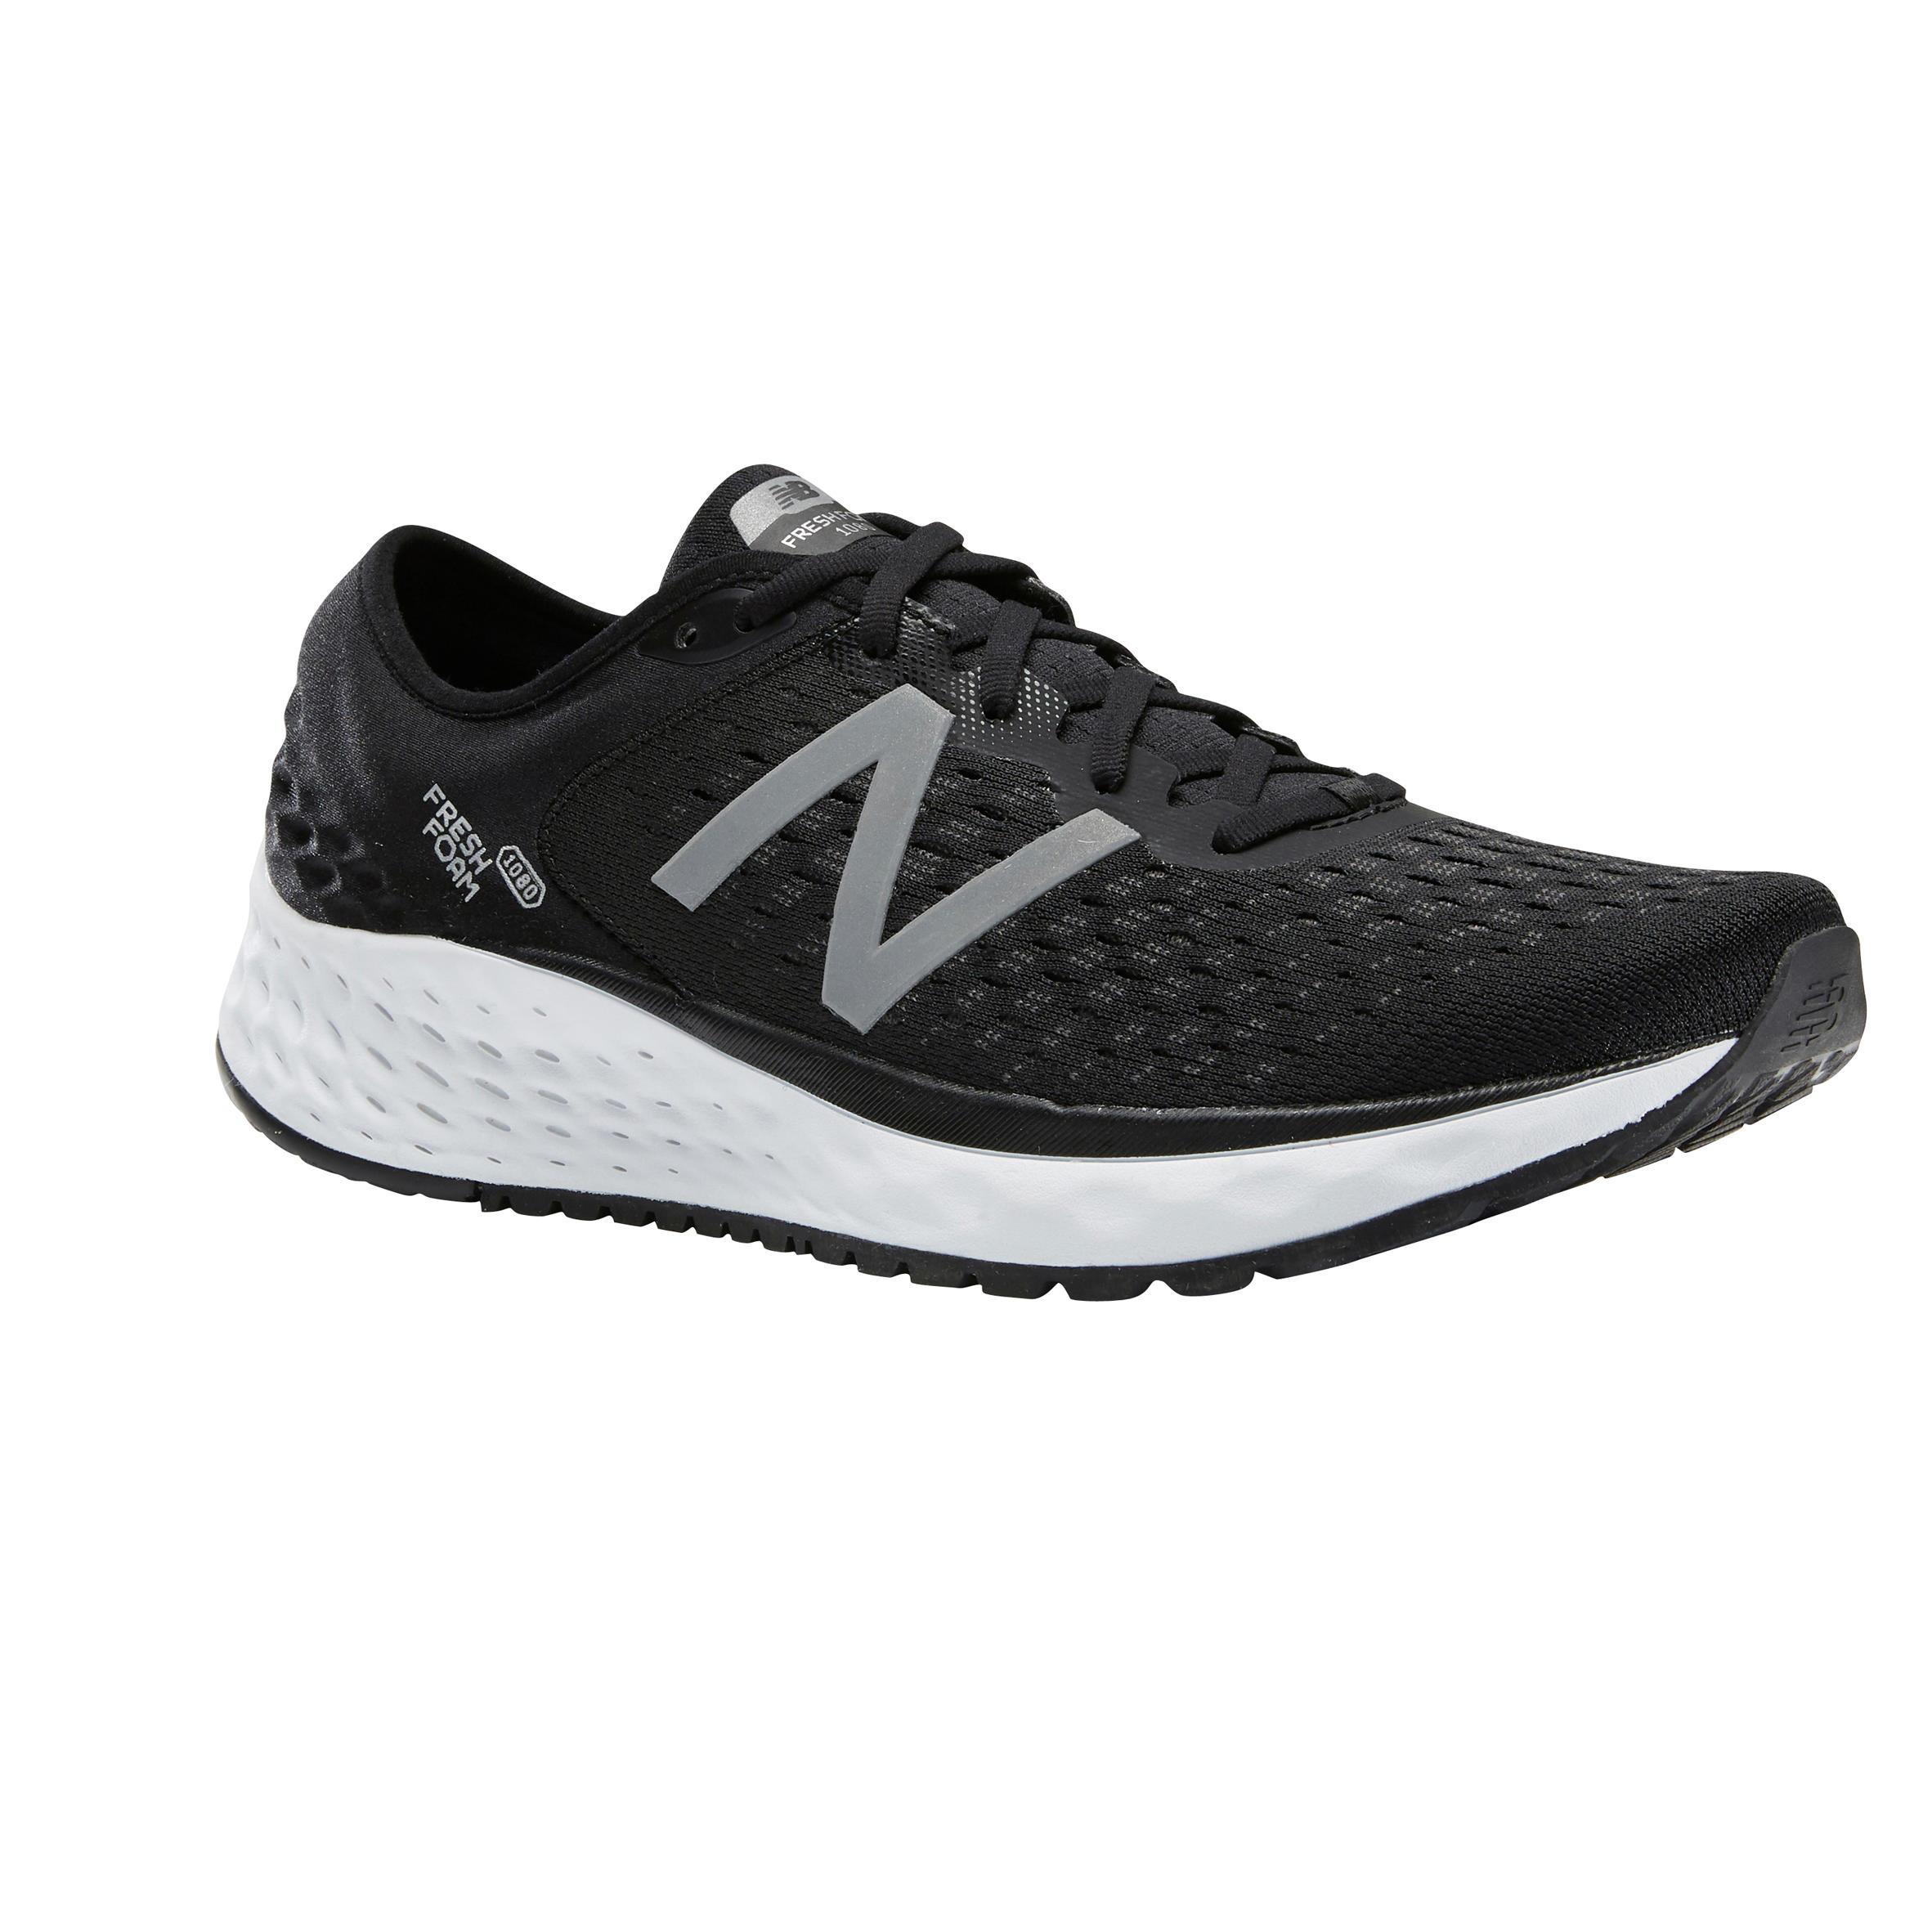 4eda4fb64 Comprar zapatillas de running para correr hombre